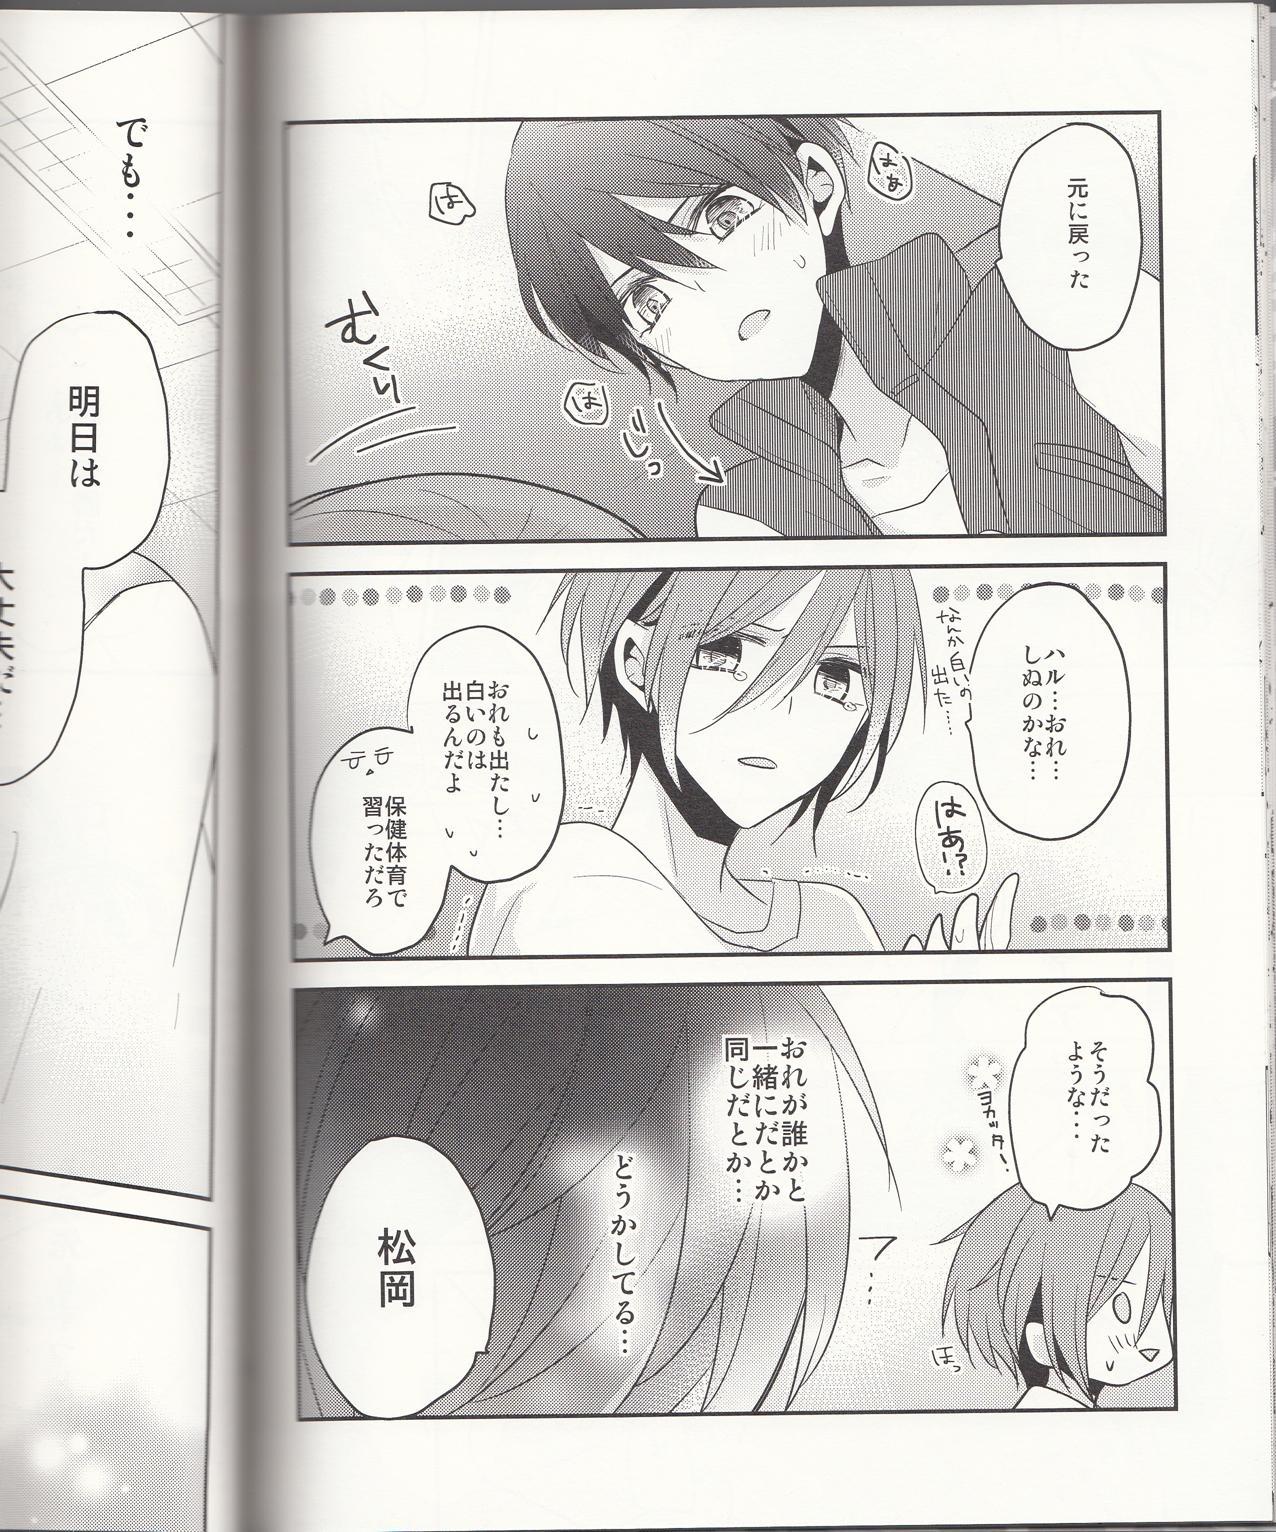 secret touch♥ 23